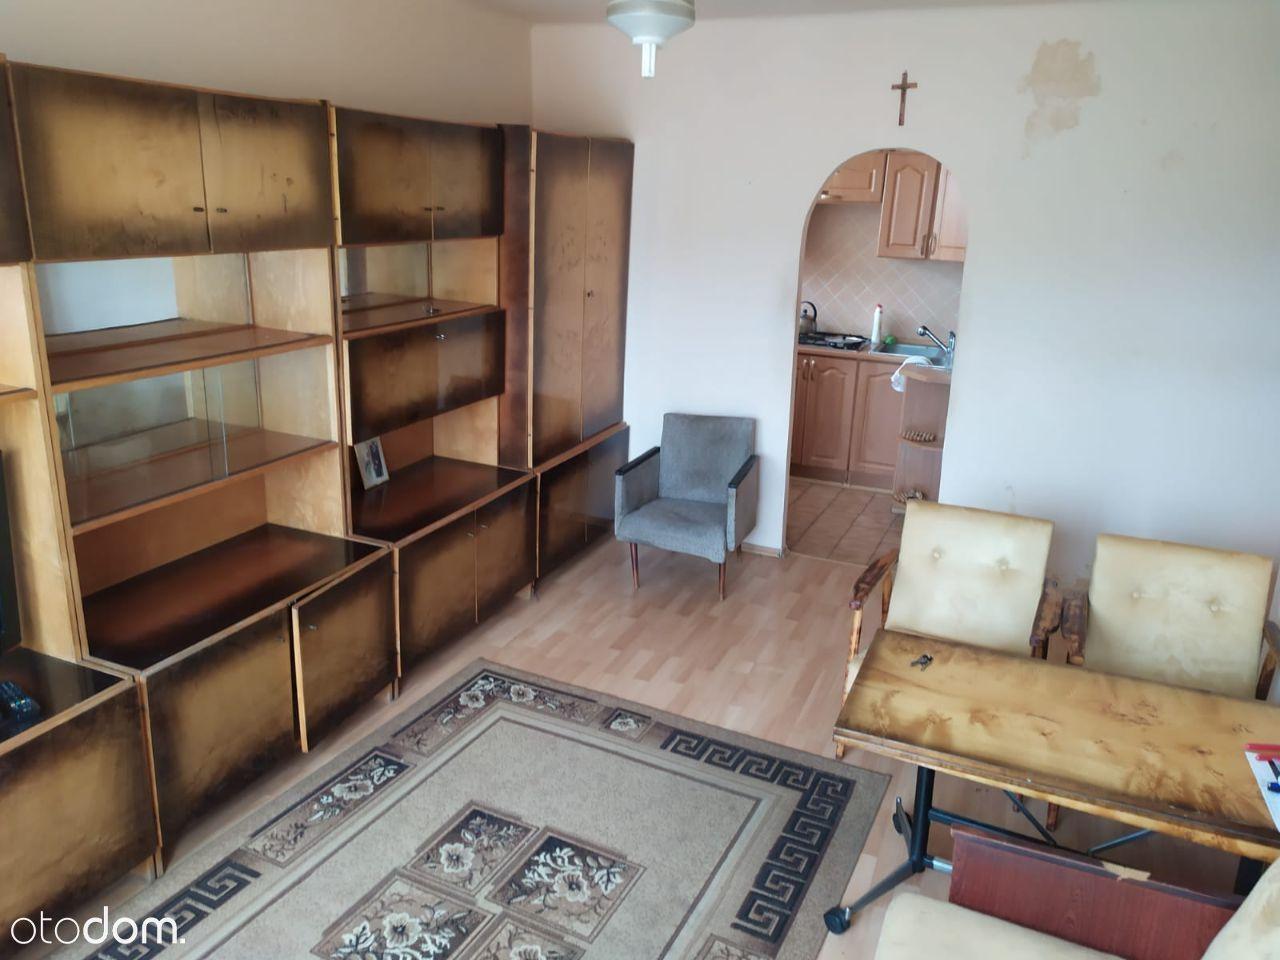 Mieszkanie 2 pokoje z kuchnią 37,2m2 centralne